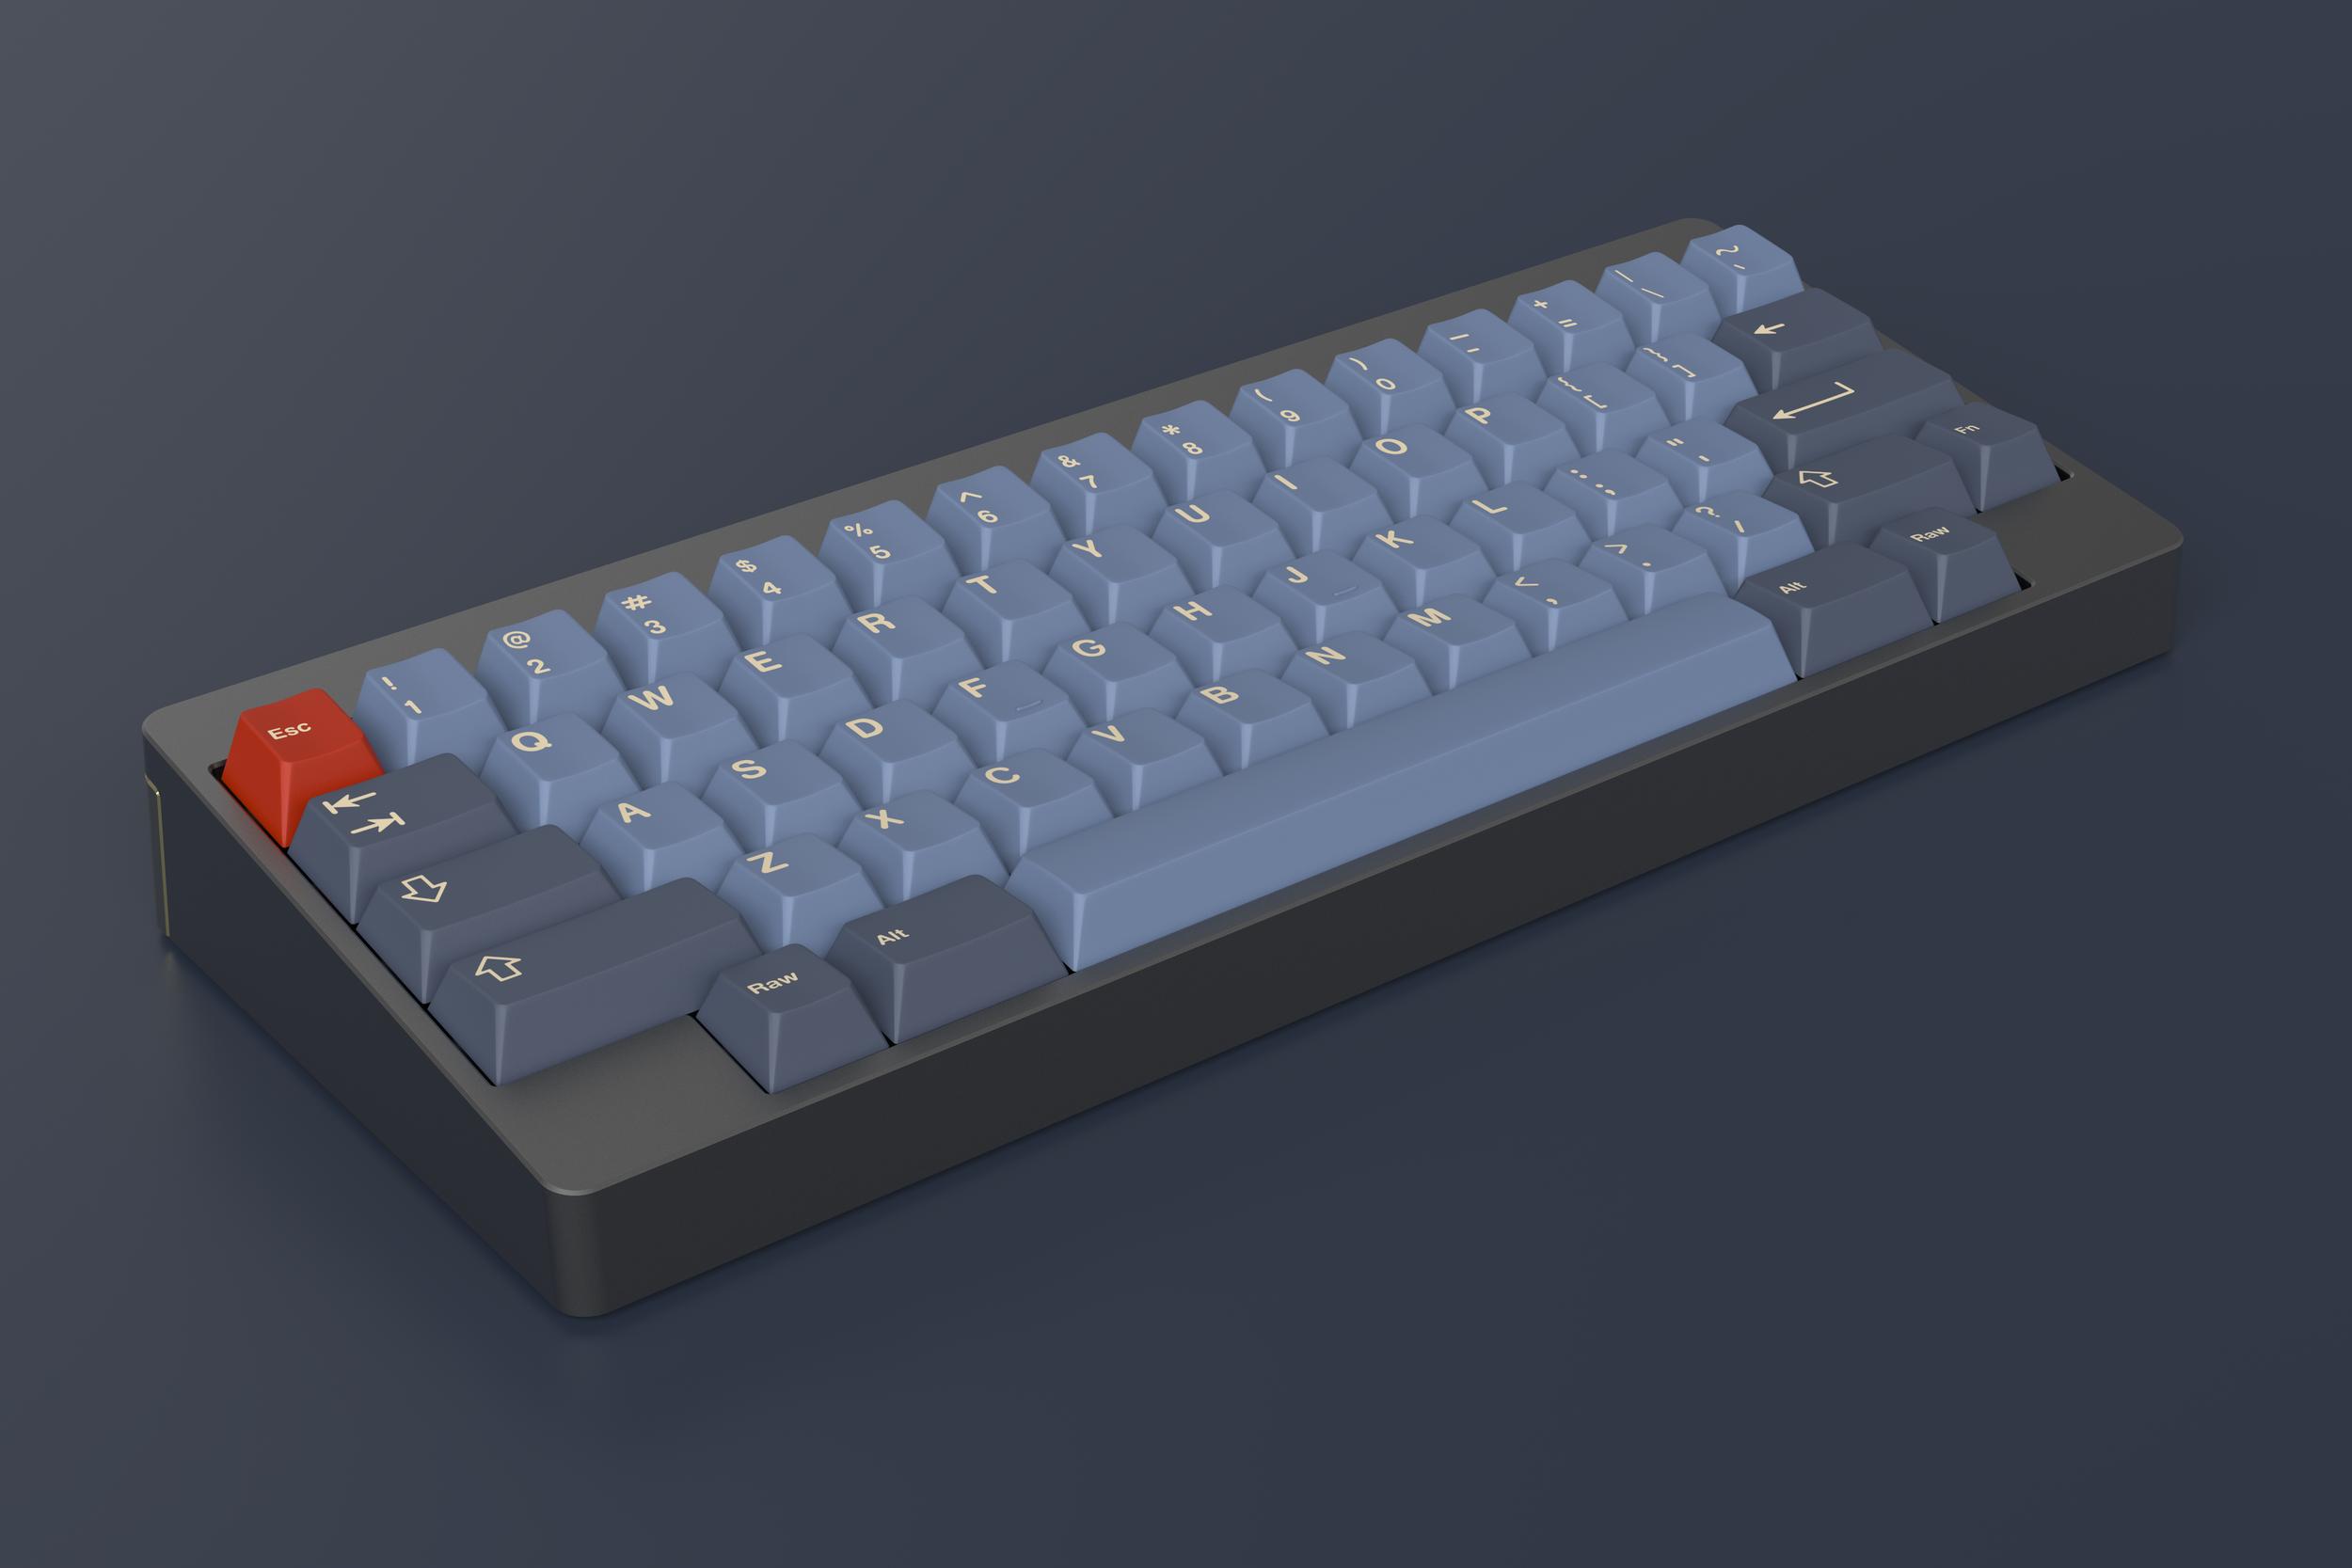 gmk_denim_keyboard_m60a_persp_angled.png